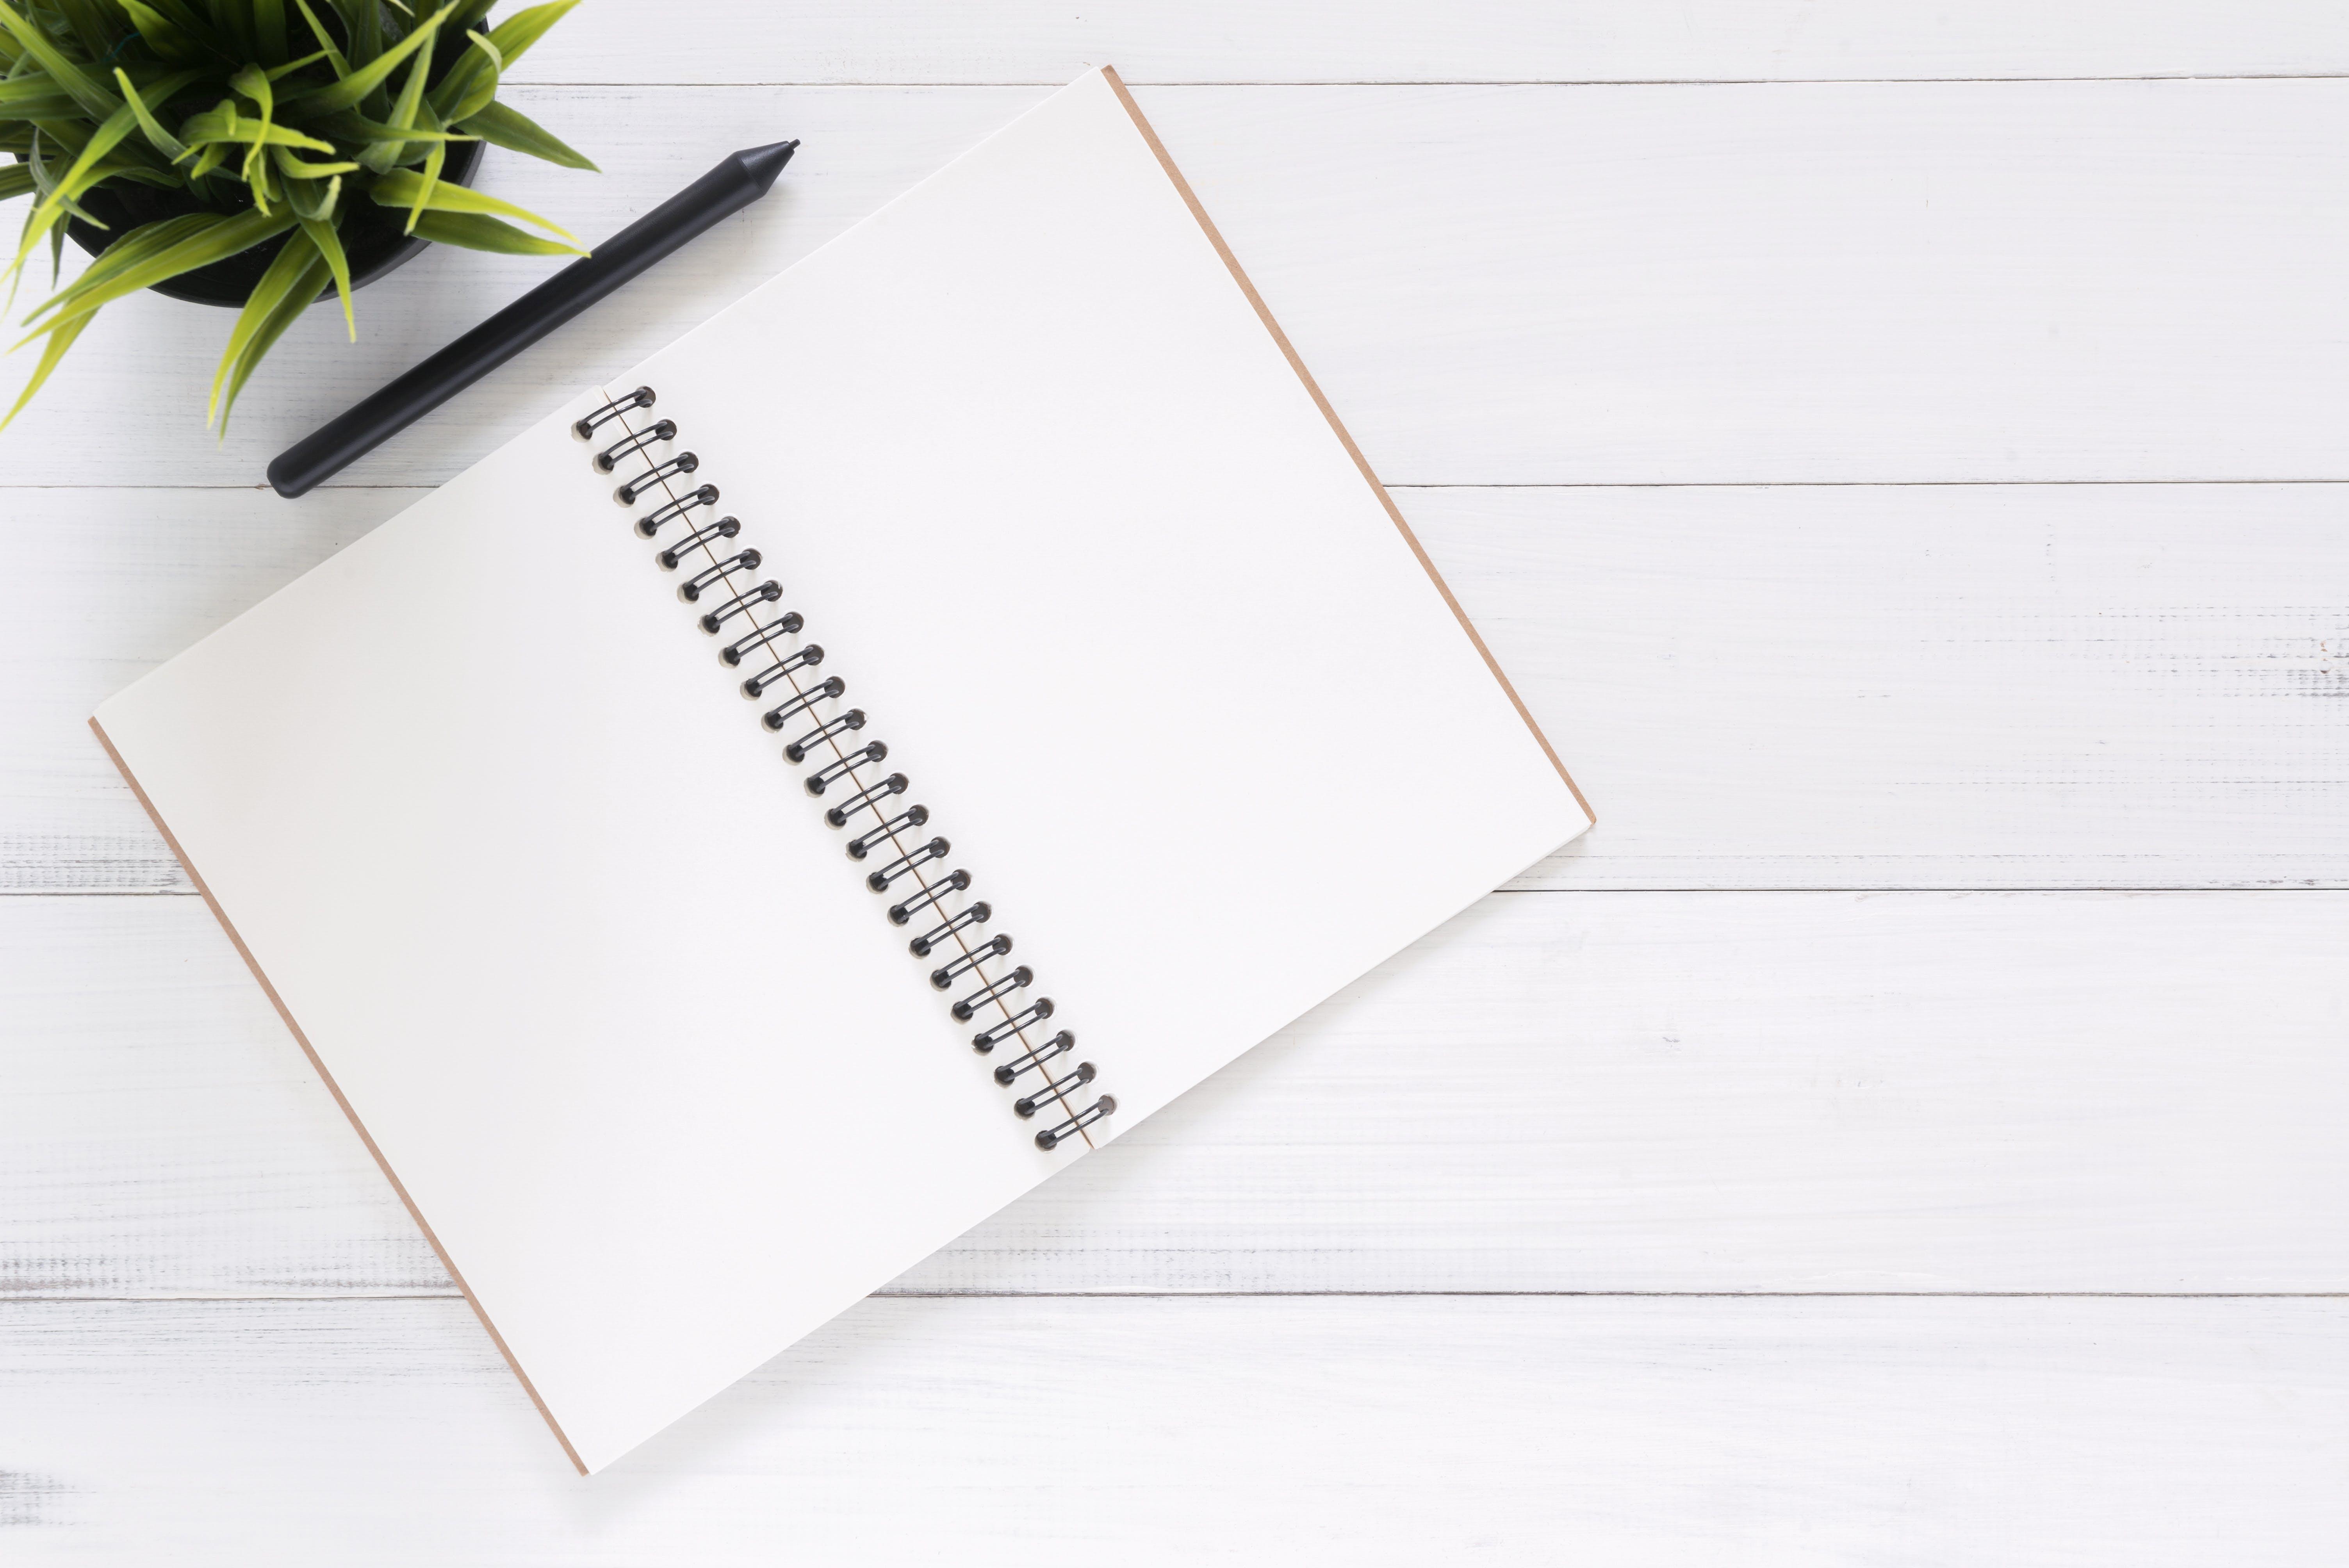 Gratis lagerfoto af arbejdsområde, ark, baggrund, dagbog